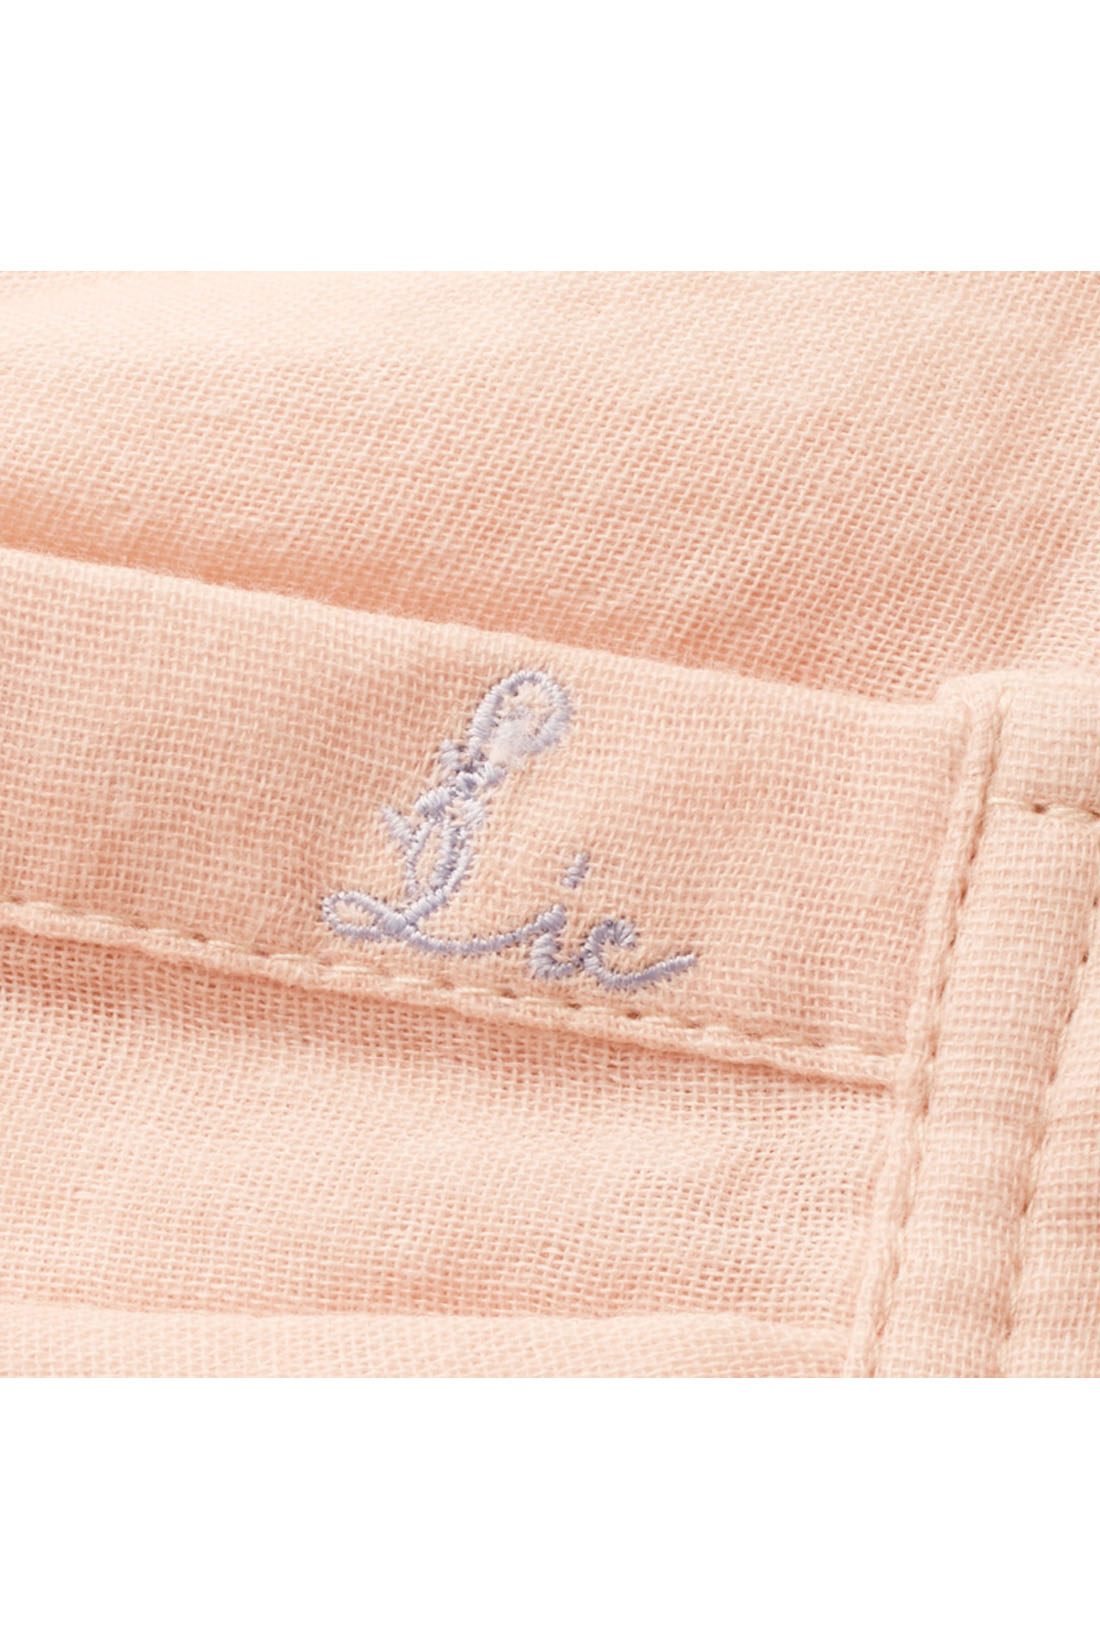 左手もとにはリブインのオリジナルロゴ刺繍のワンポイント。 ※お届けするカラーとは異なります。